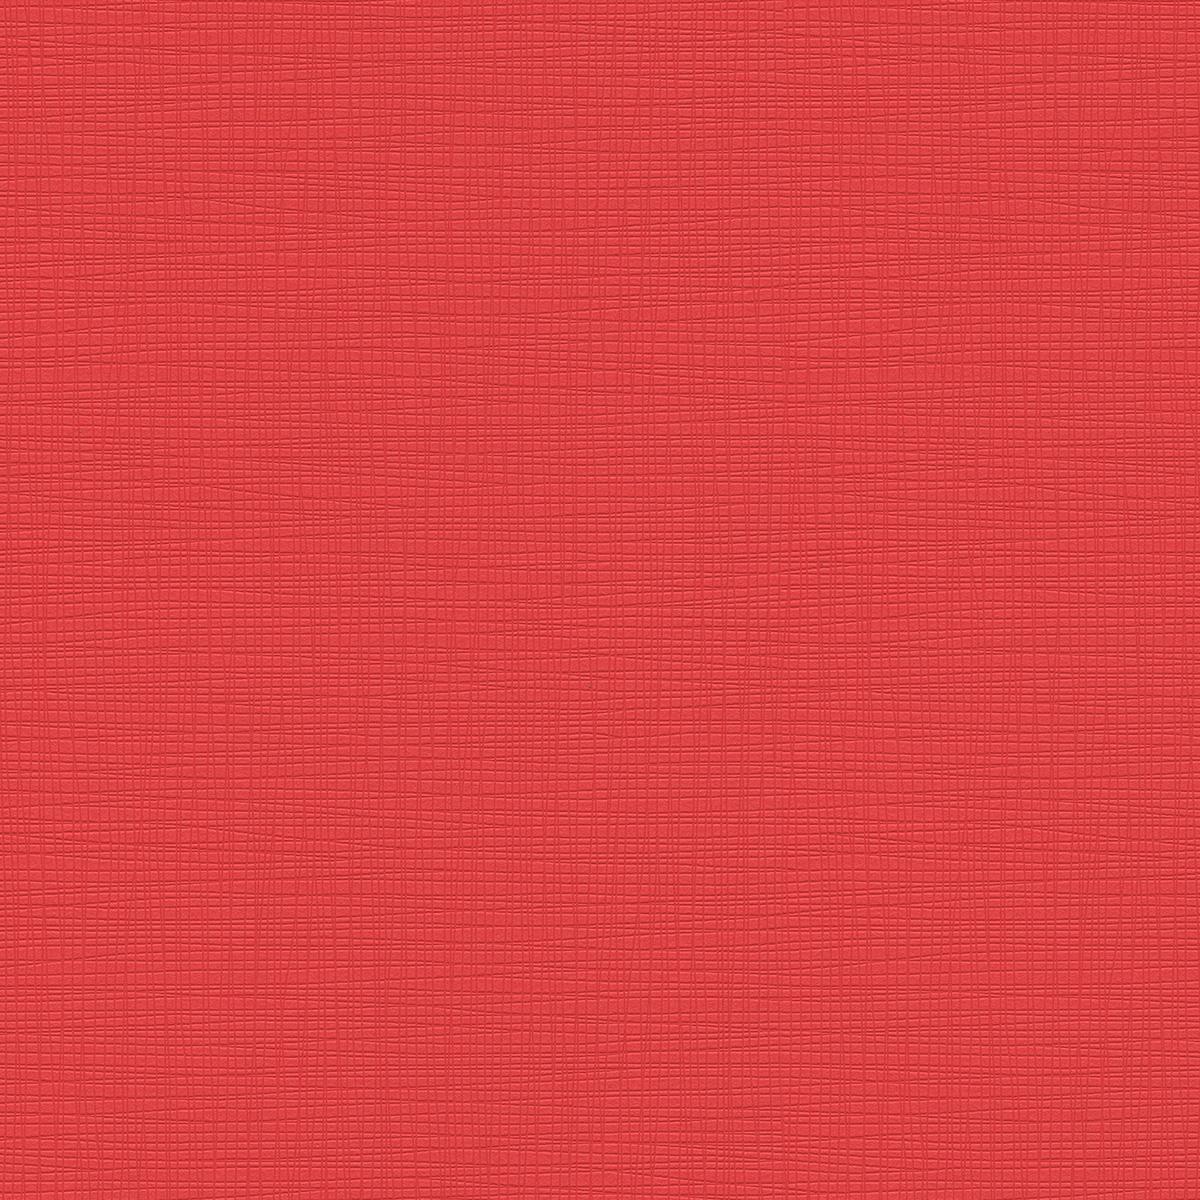 тапет Бестселър 3 мрежа червено